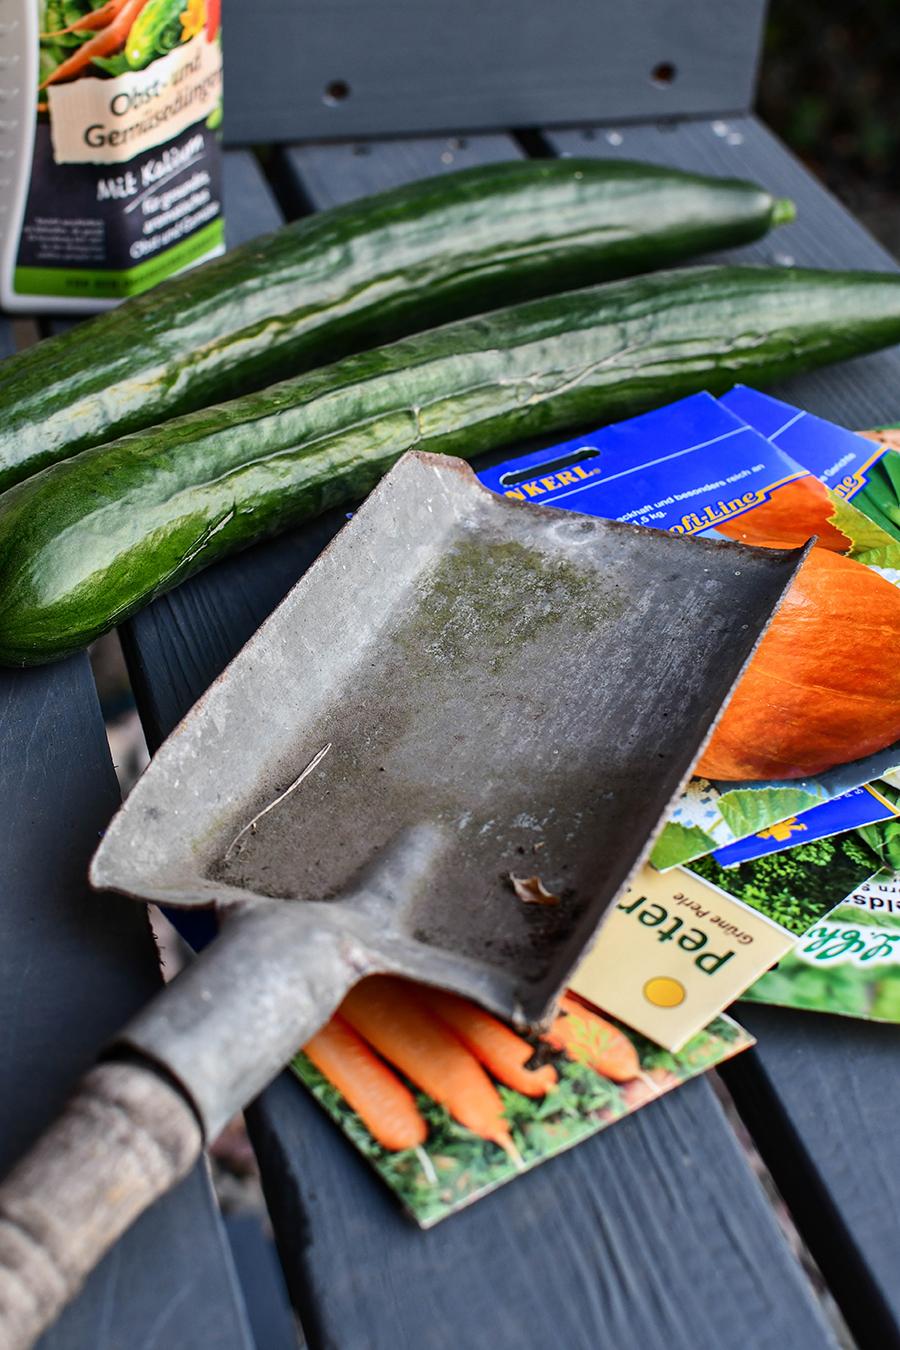 Hochbeet befüllen und bepflanzen - Tipps & Tricks